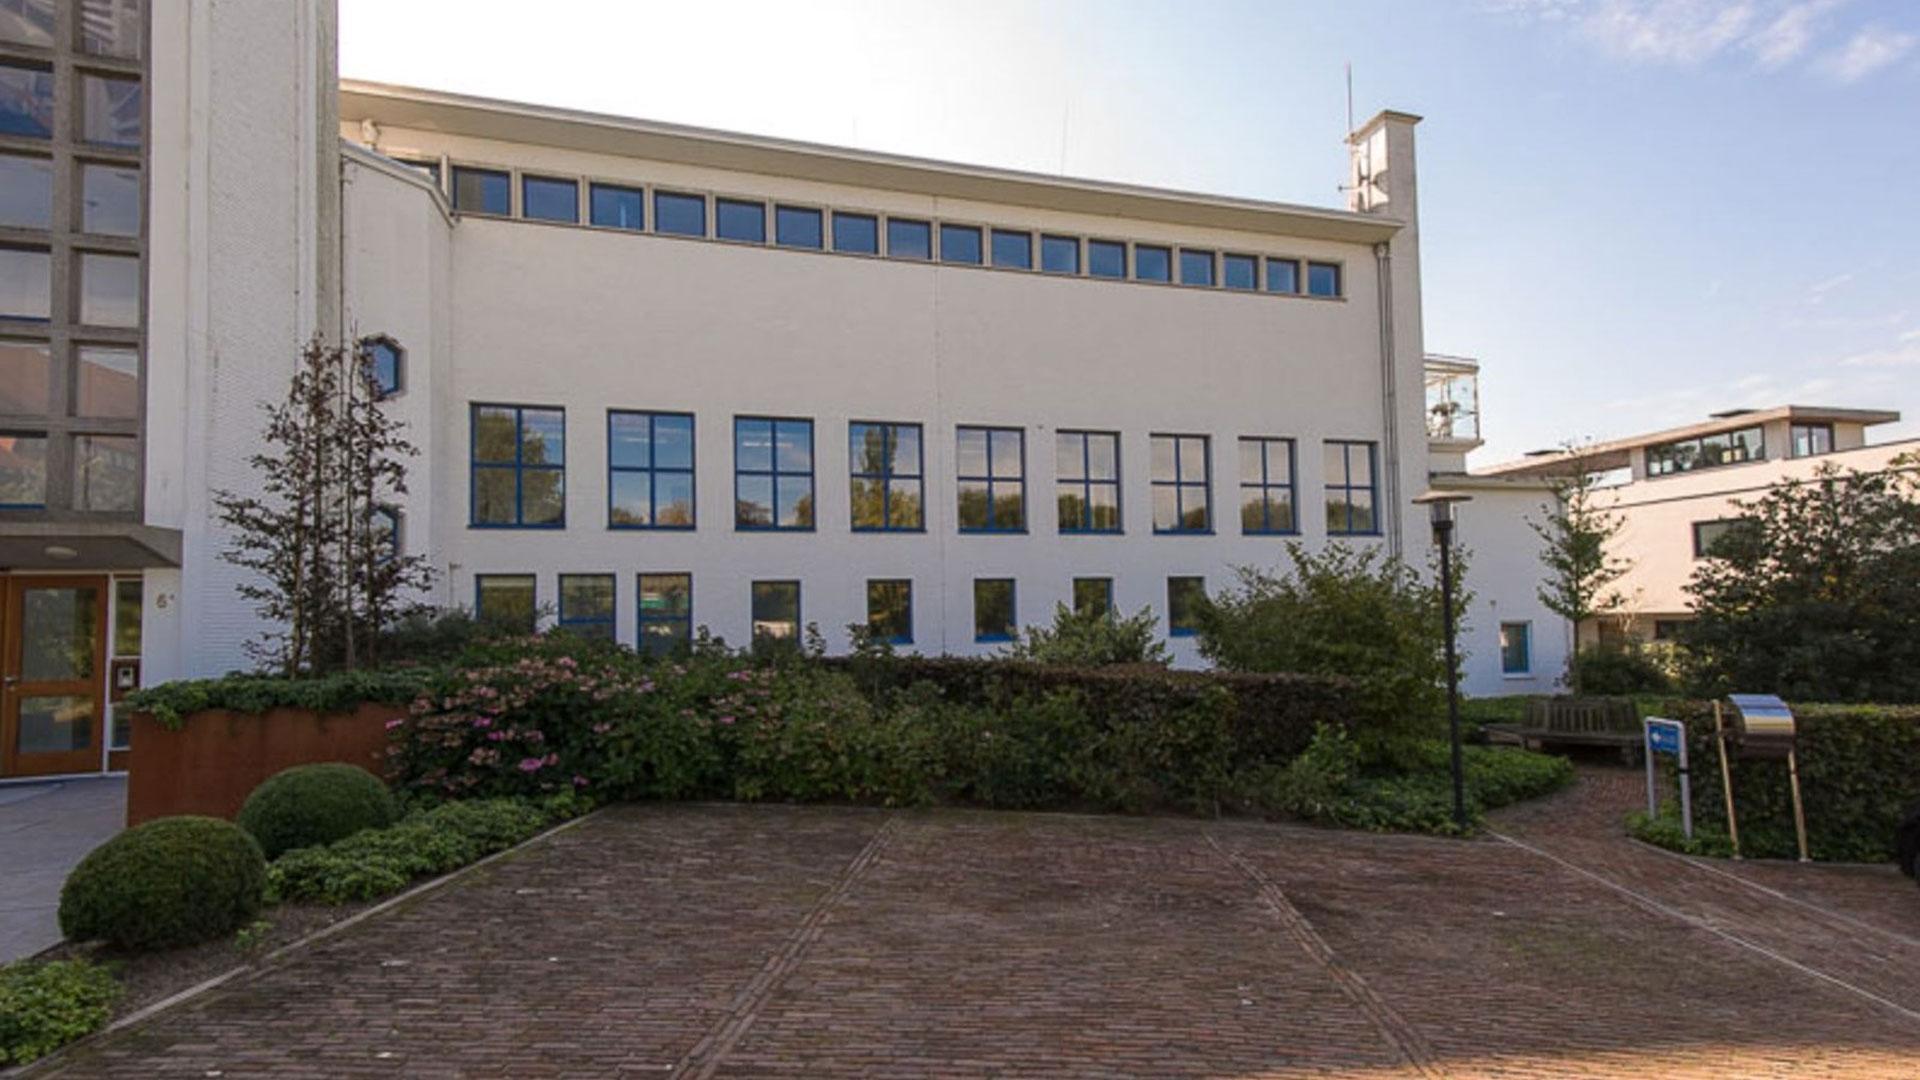 Laboratorium voor Landmeetkunde